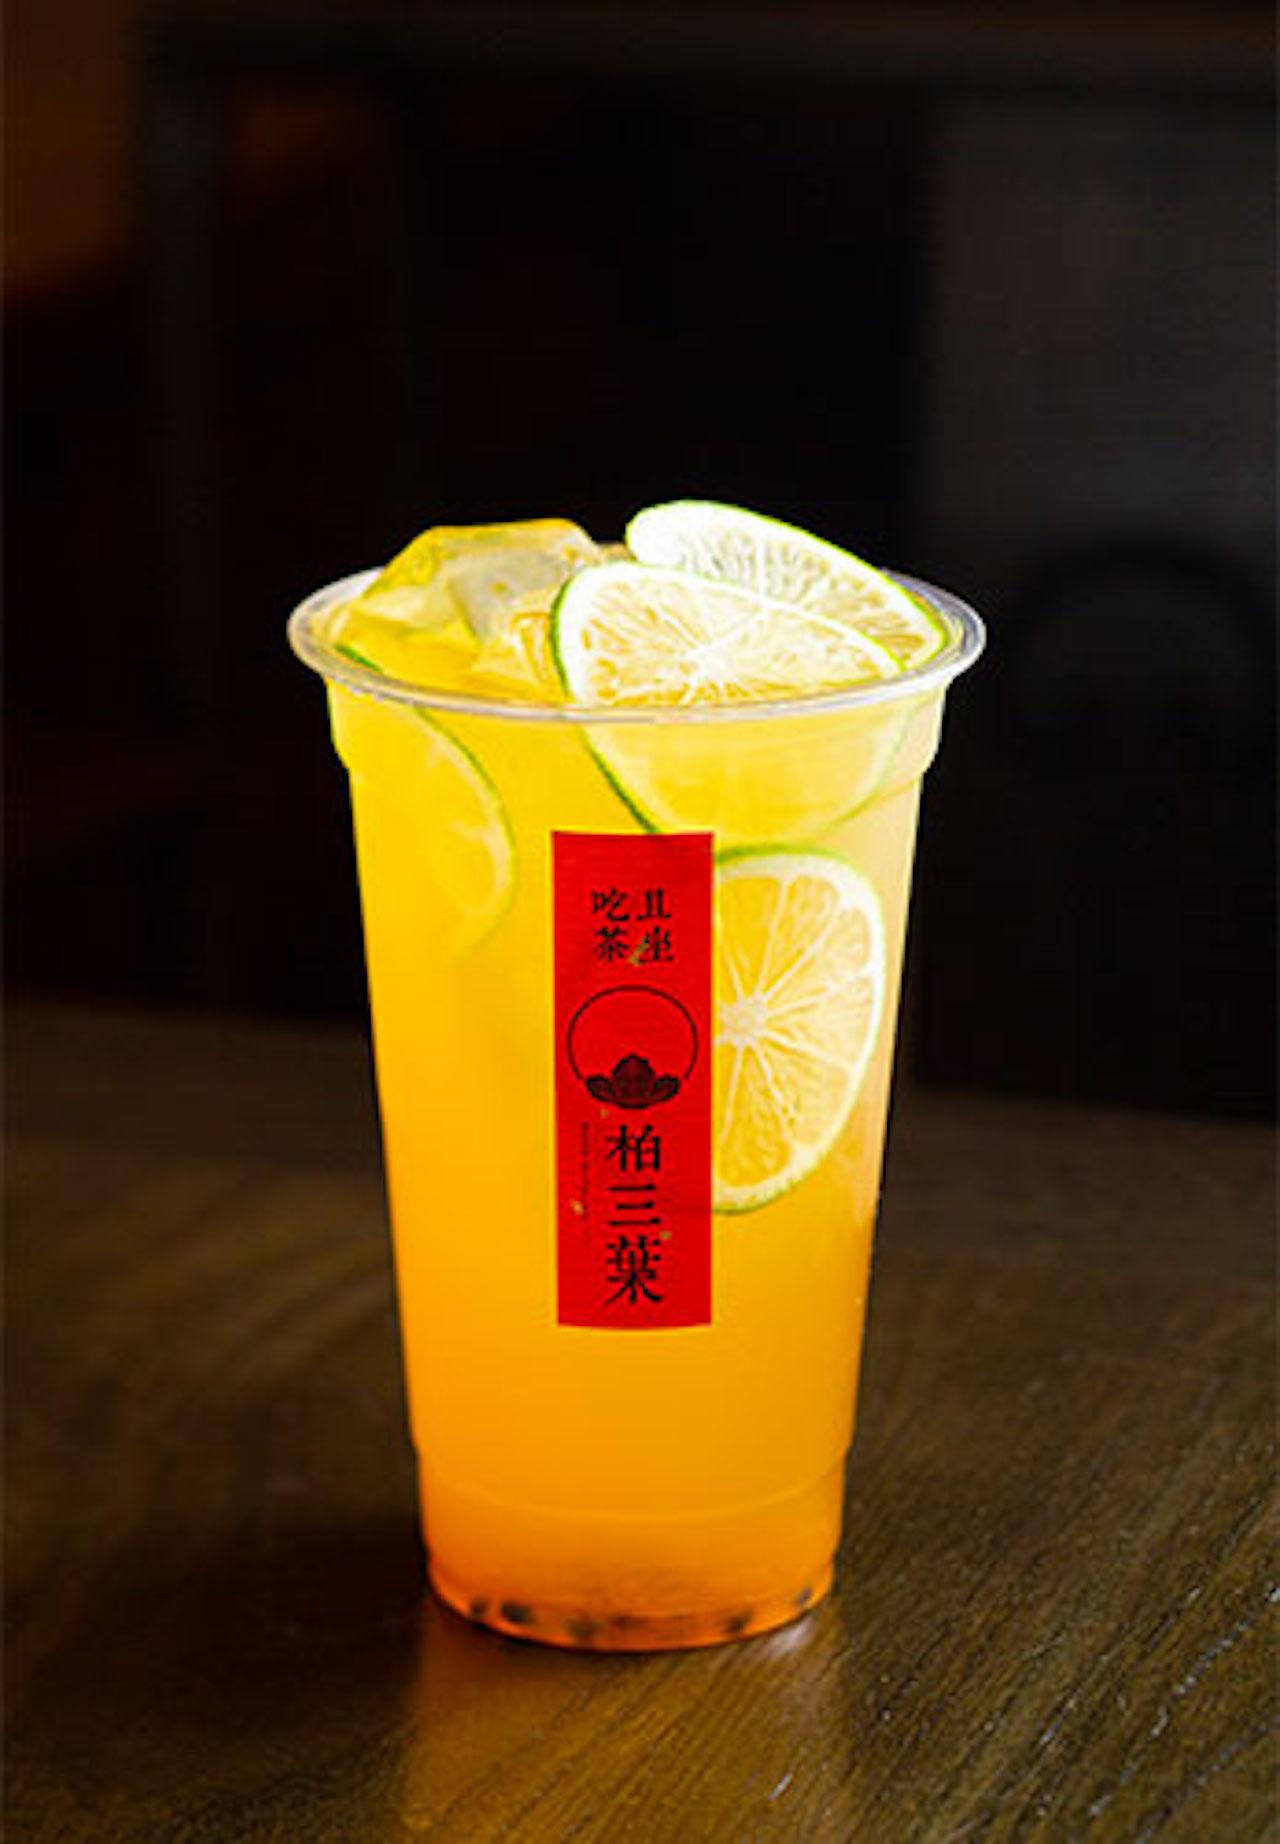 ティードリンクも多彩で、香りの良い四季春茶とフルーツの取り合わせはオリジナル。パッションフルーツと四季春580円